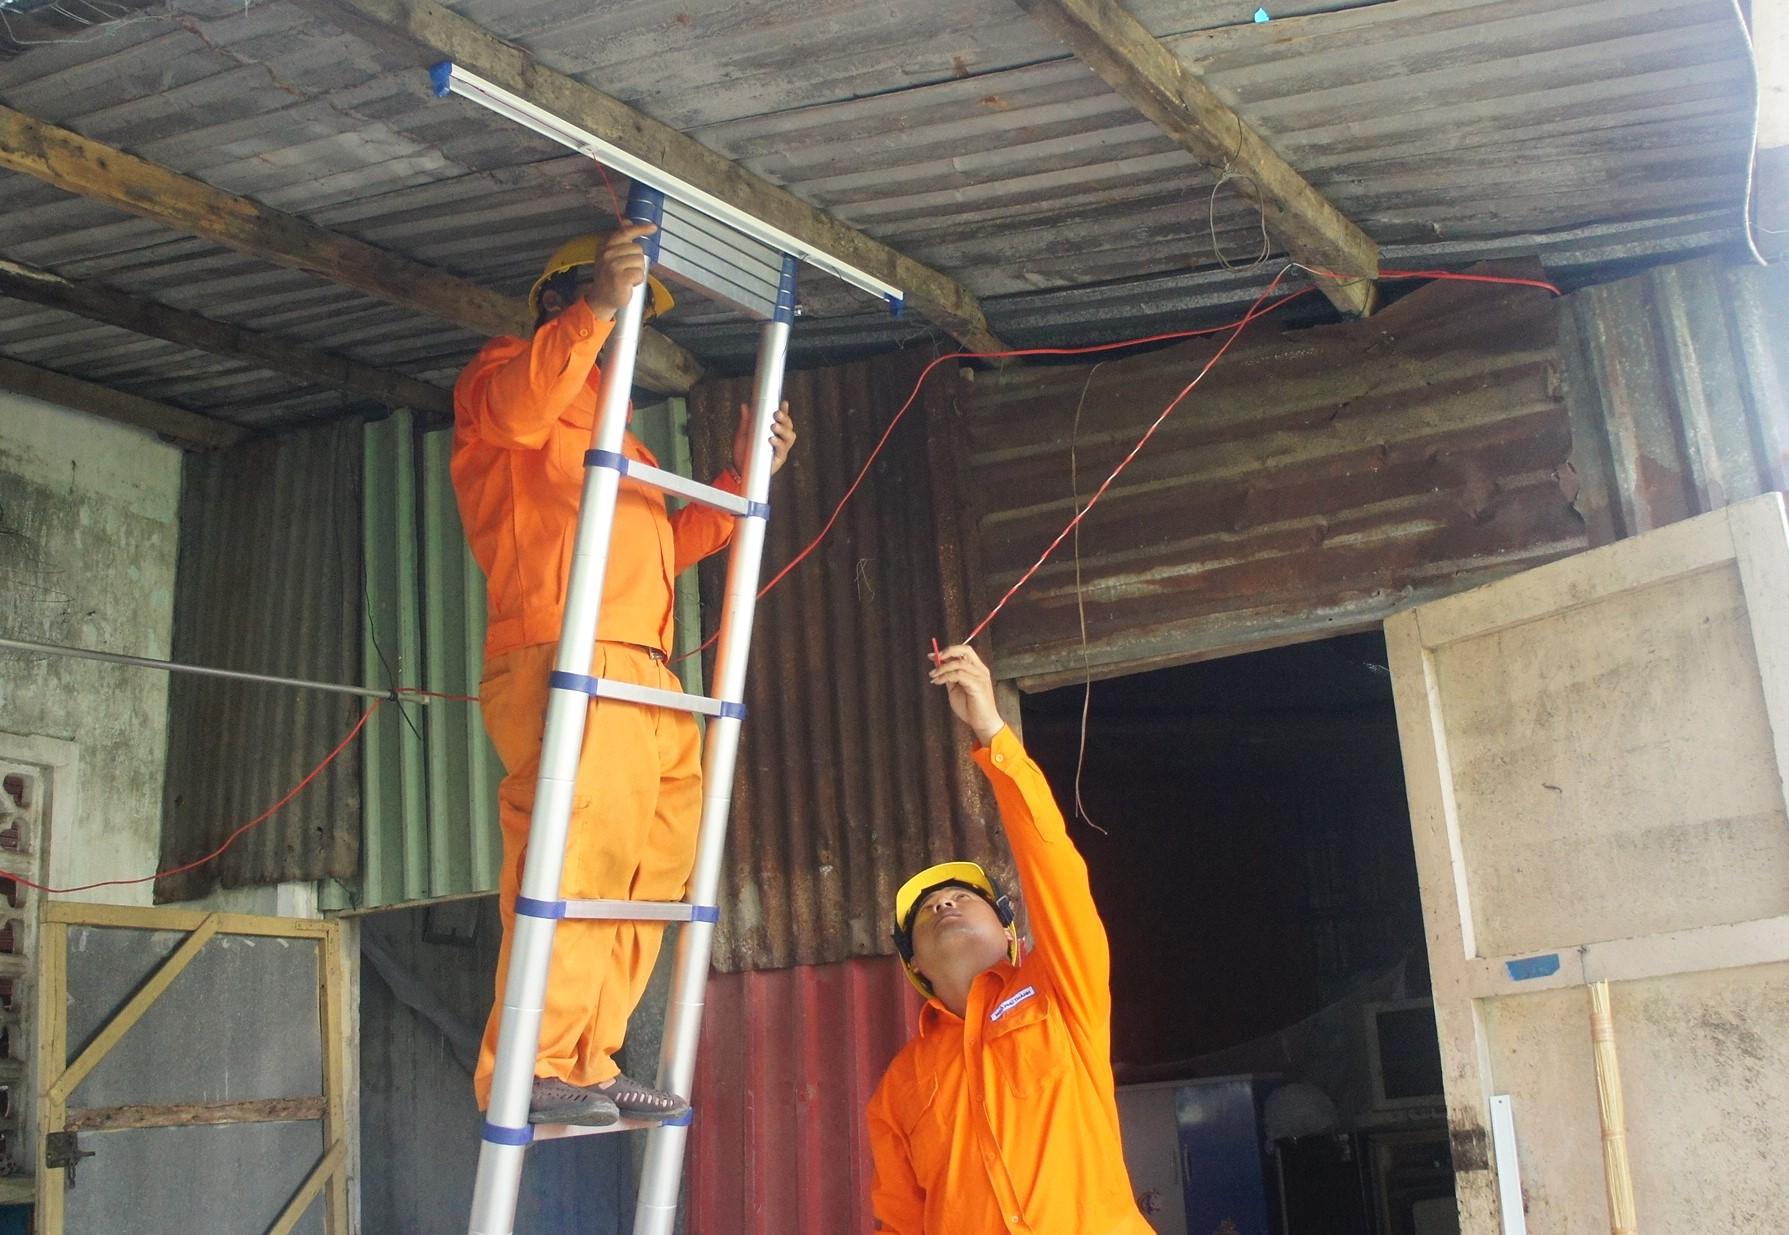 Điện lực Đà Nẵng sửa chữa, lắp đặt mới hệ thống điện cho hộ nghèo